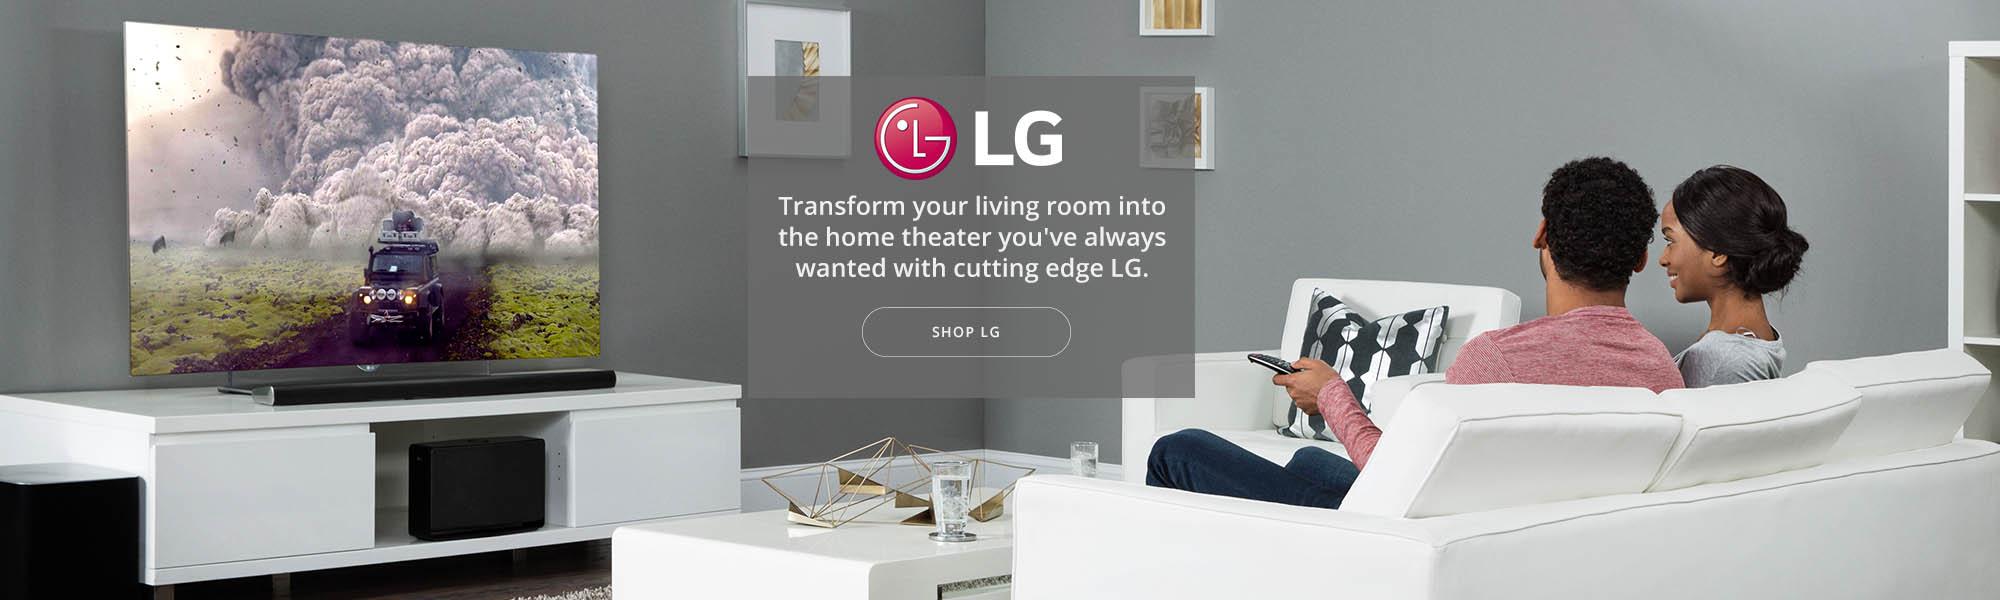 LG TV Slide